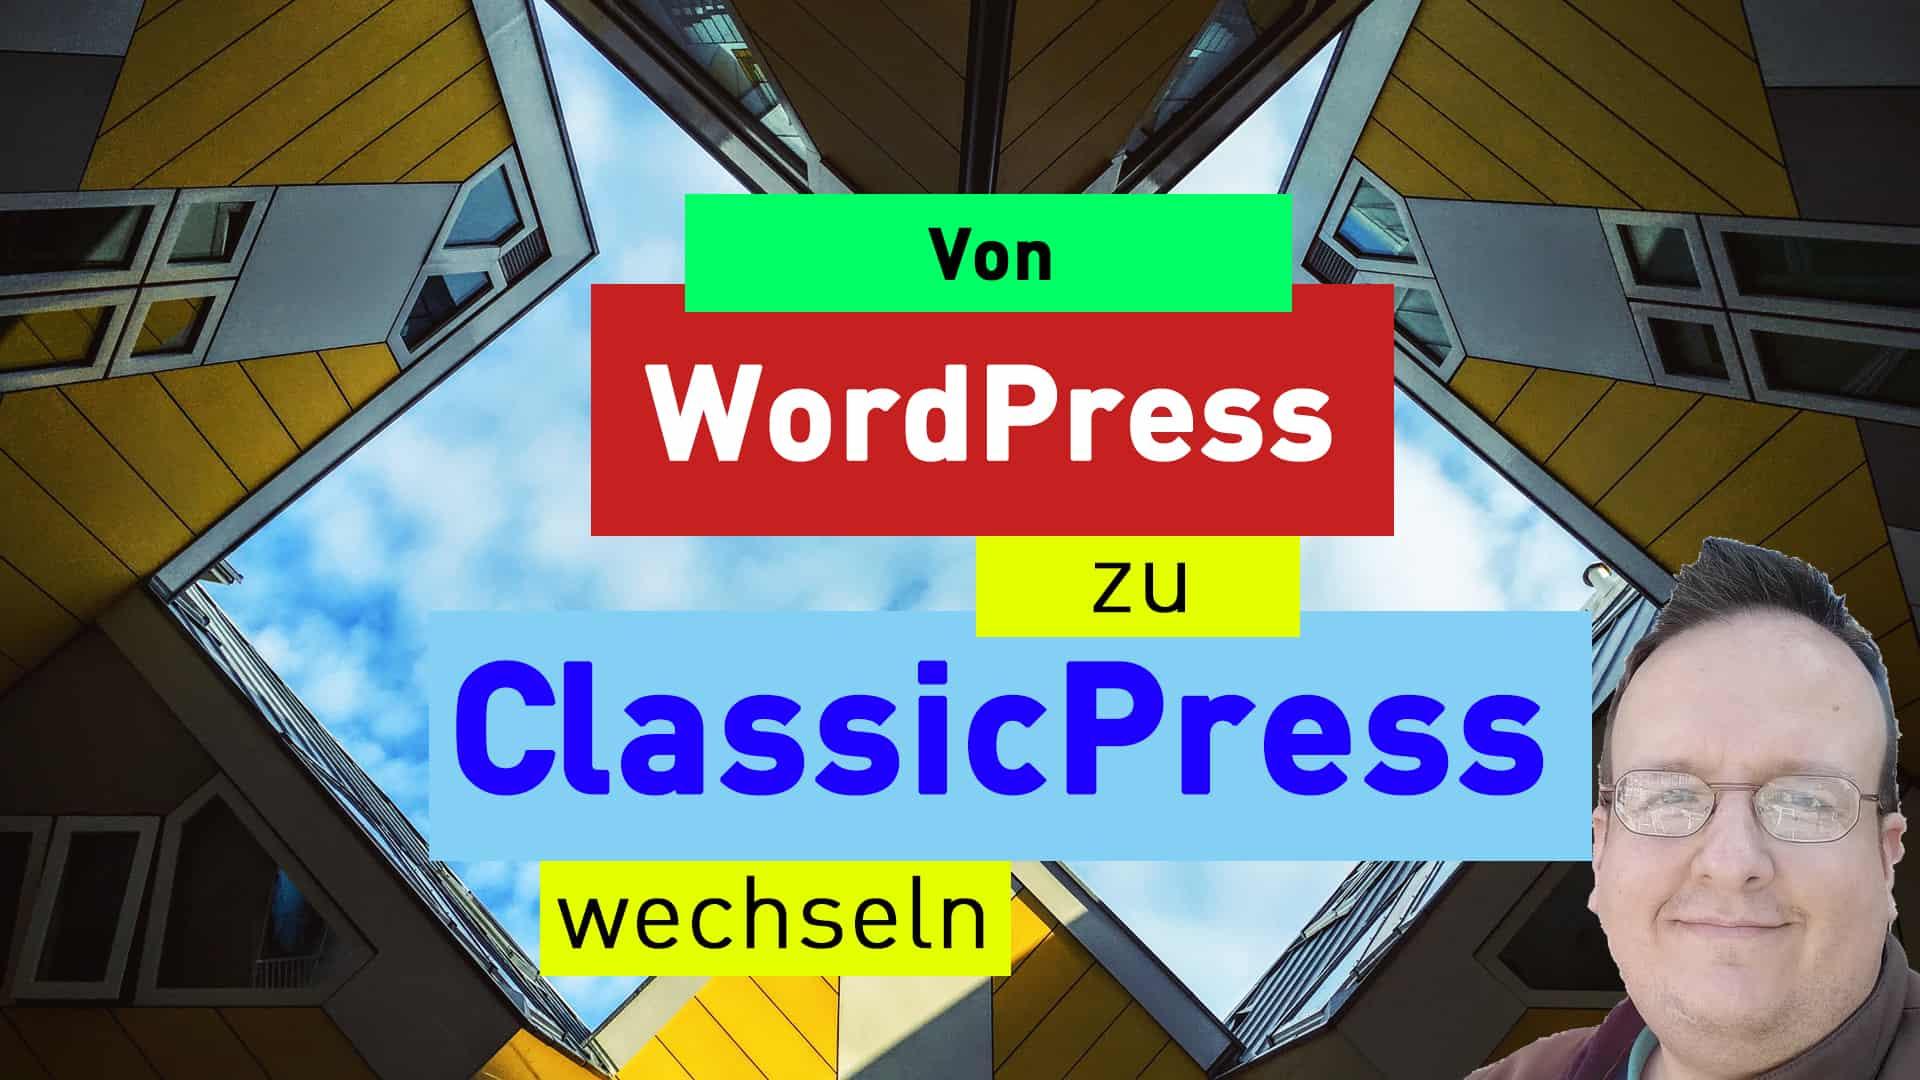 Wie wechselt man von WordPress auf ClassicPress?